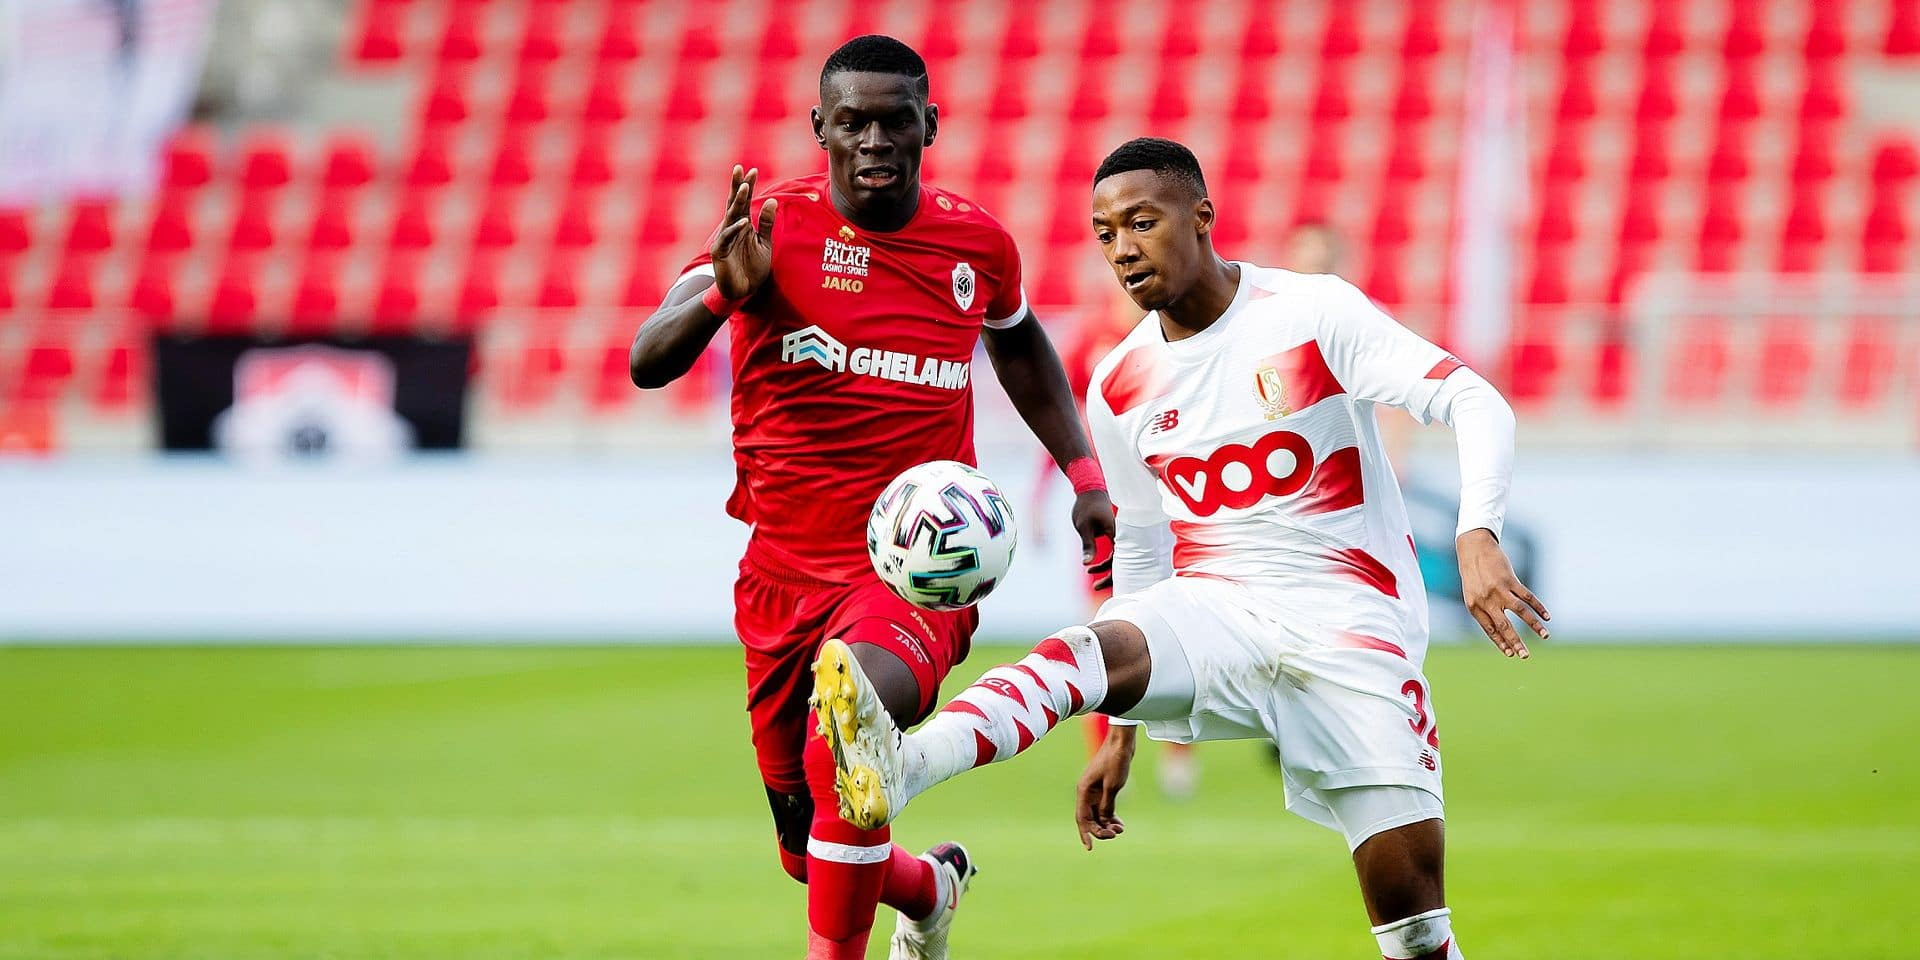 """Balikwisha se confie : """"Le Standard a voulu me forcer à aller à Bruges"""""""